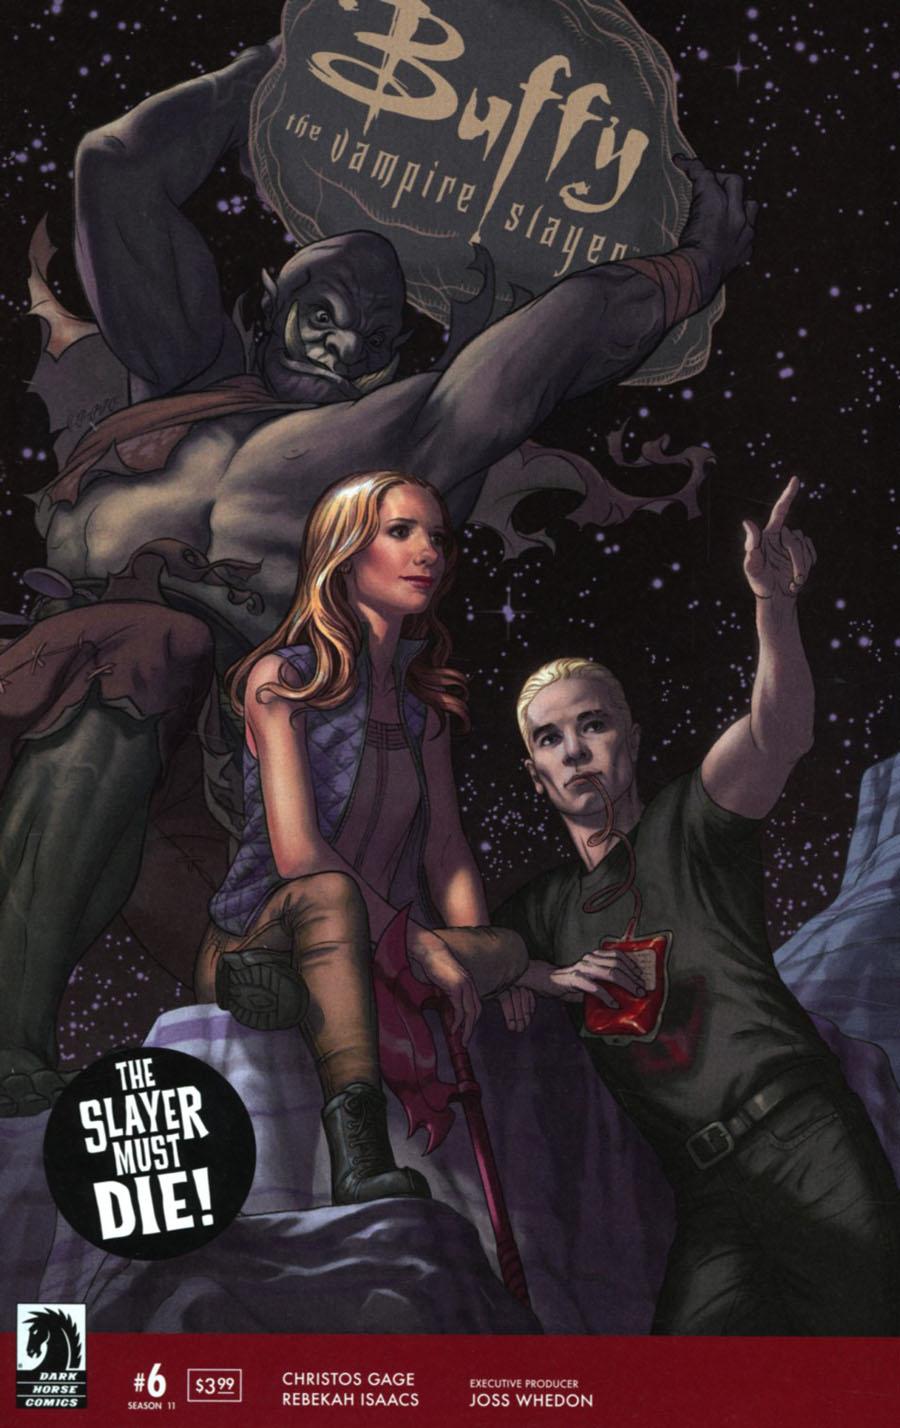 Buffy The Vampire Slayer Season 11 #6 Cover A Regular Steve Morris Cover